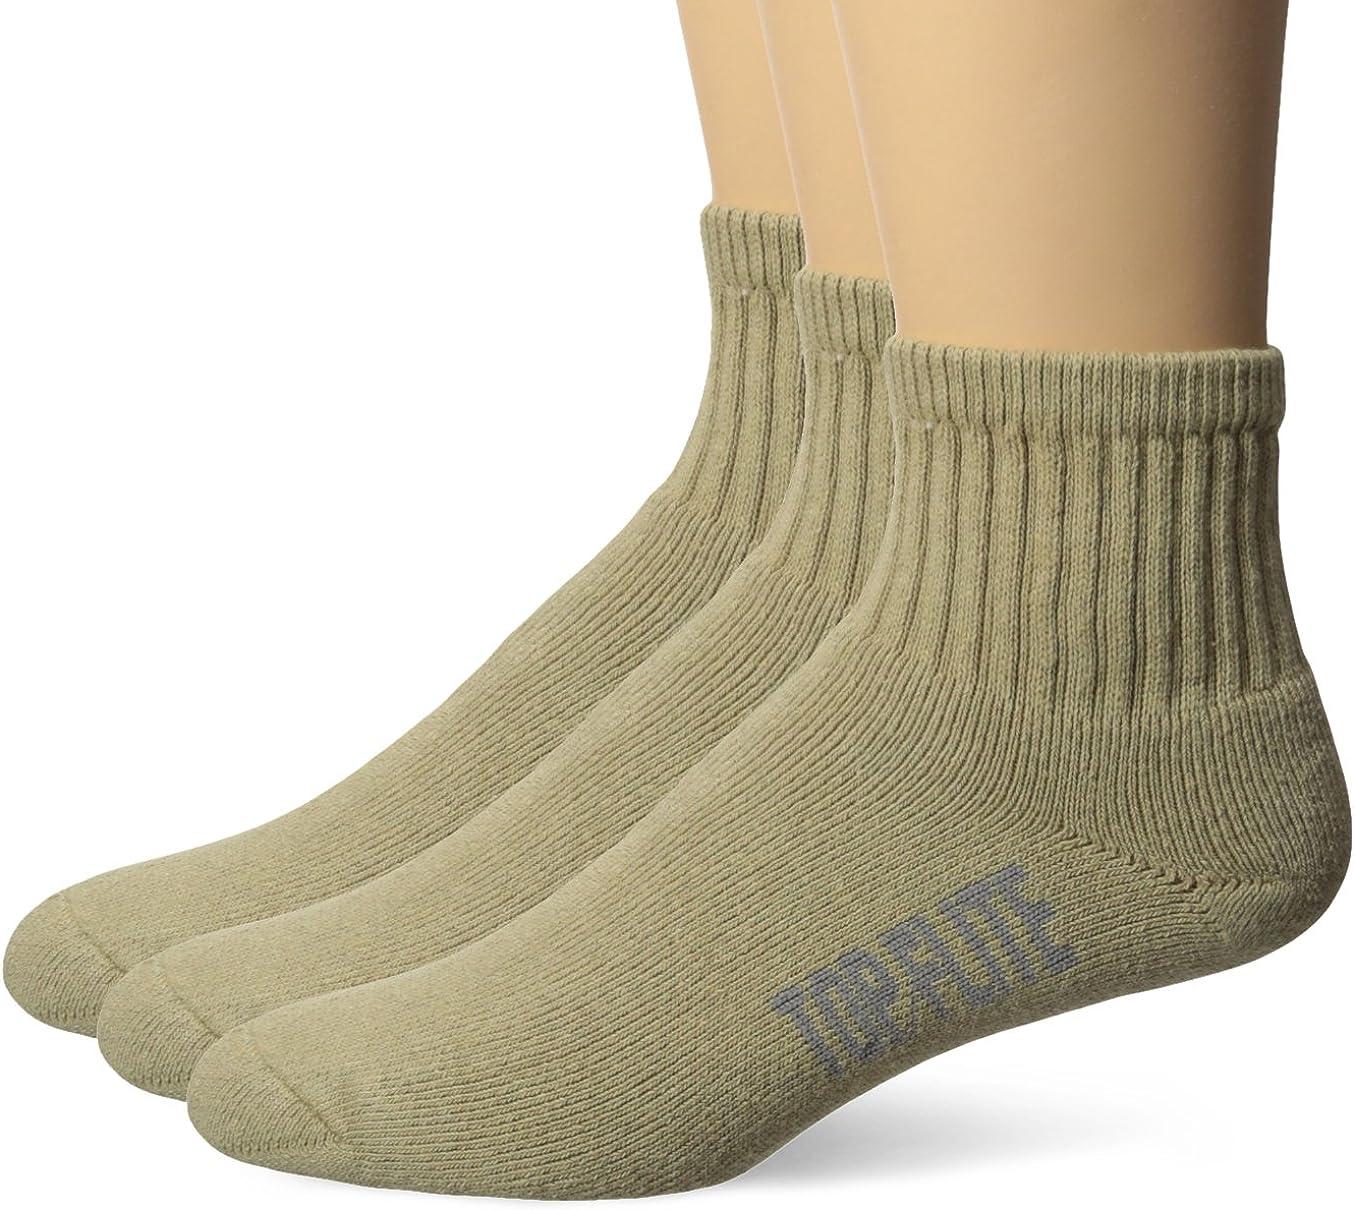 Top Flite Men's Sport Full Cushion Quarter Socks 3 Pair Pack